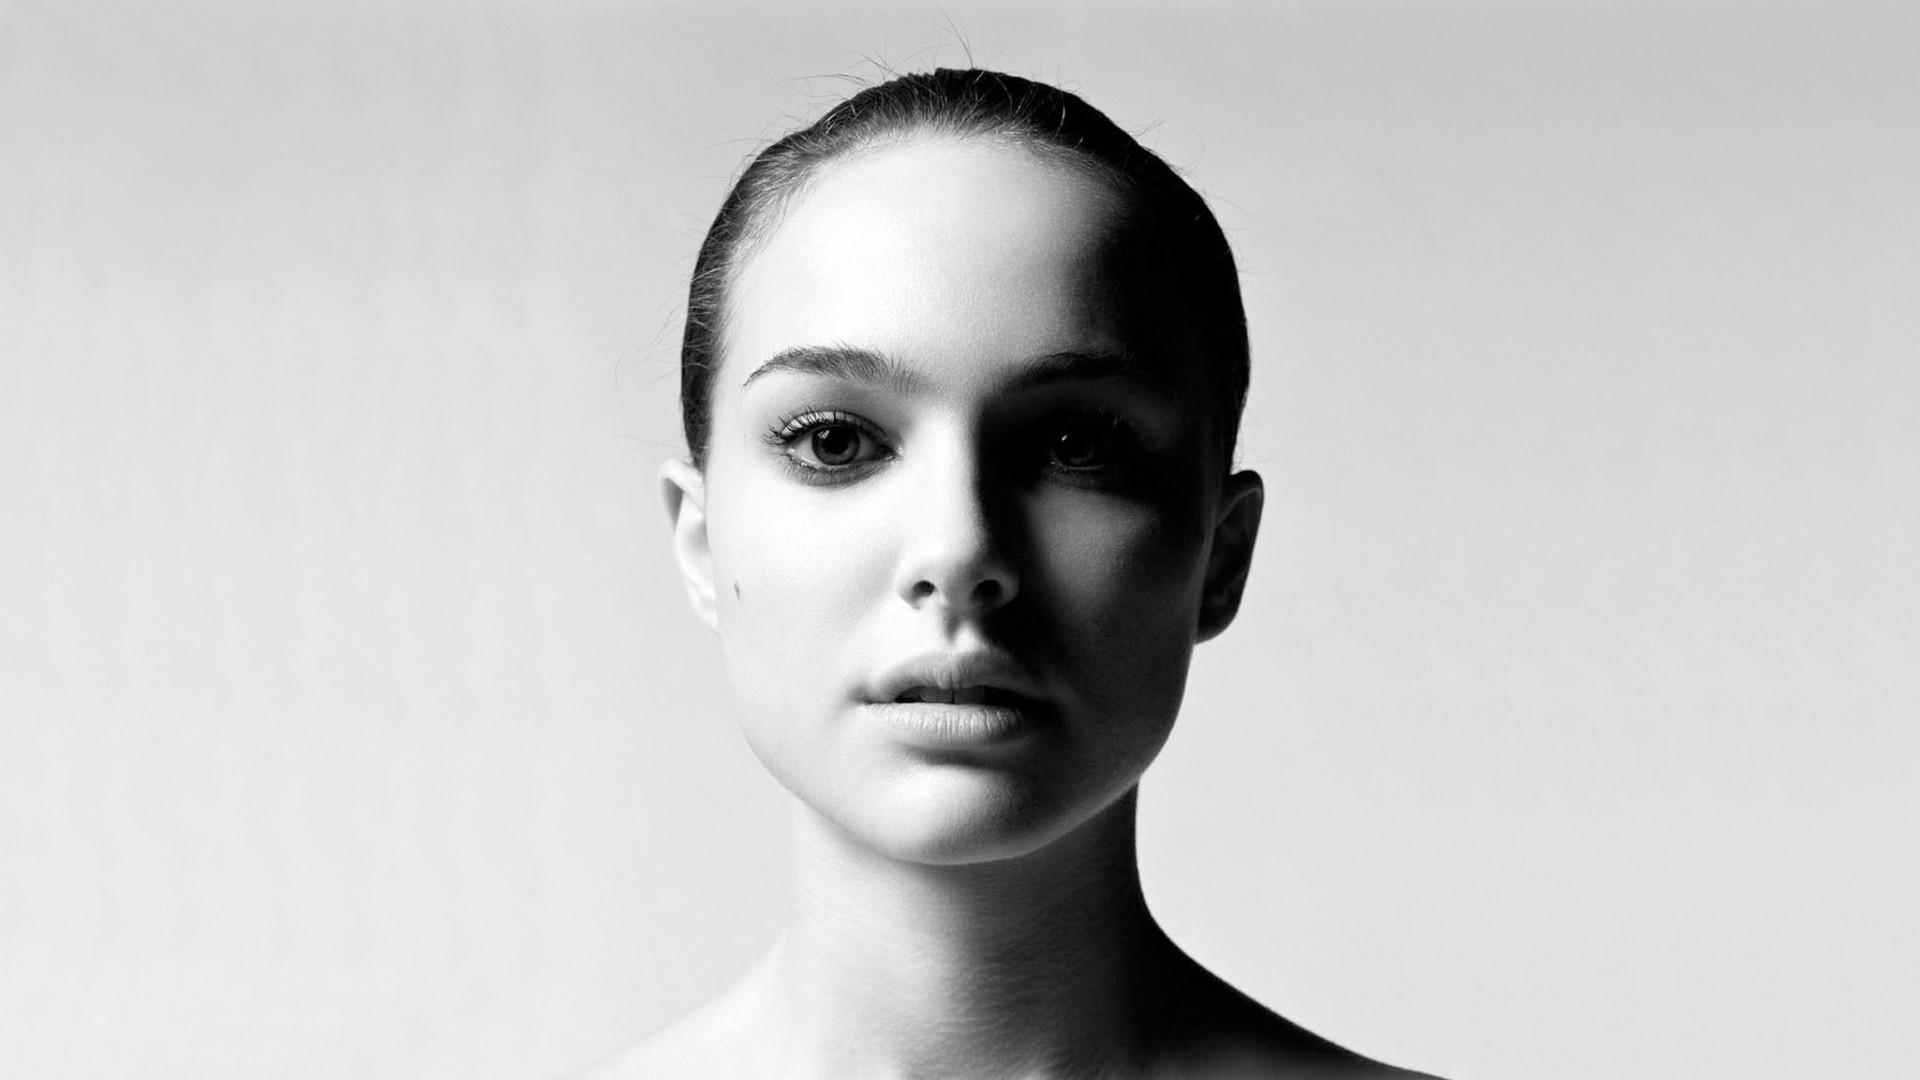 Natalie Portman HD Background